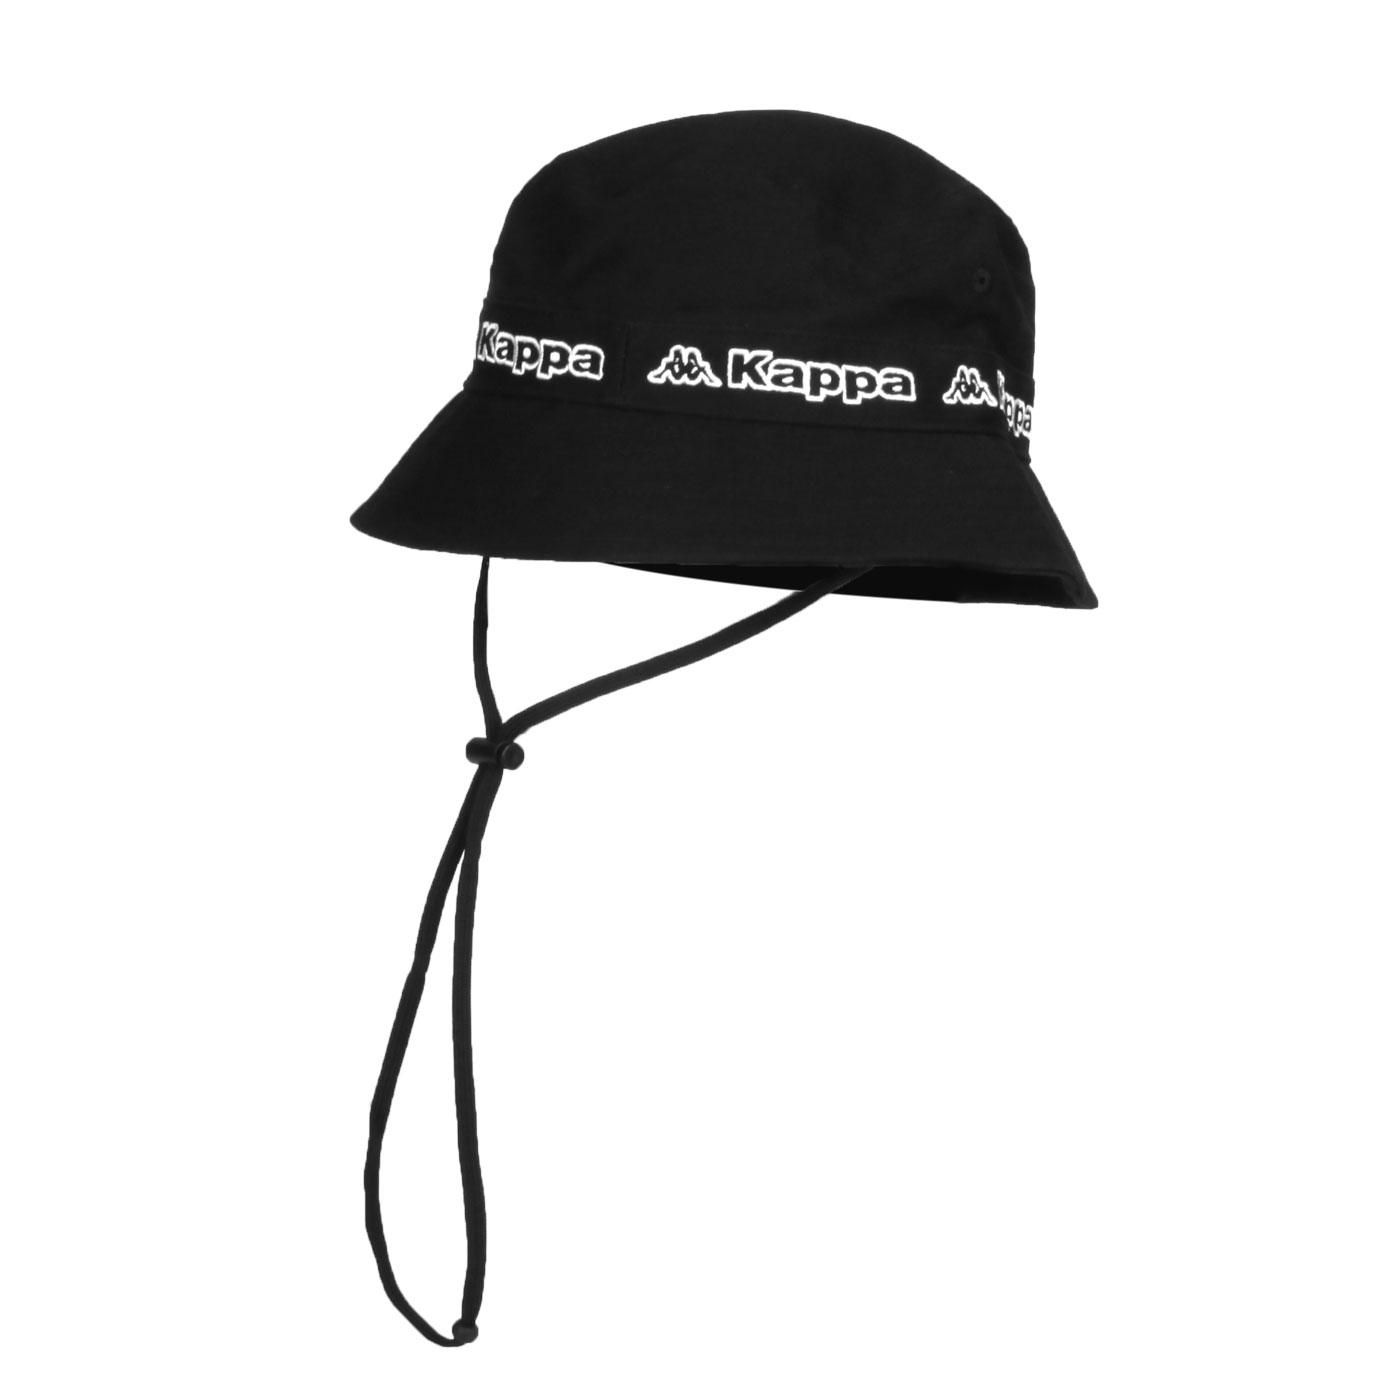 KAPPA 運動休閒帽 3115TYW-B55 - 黑白